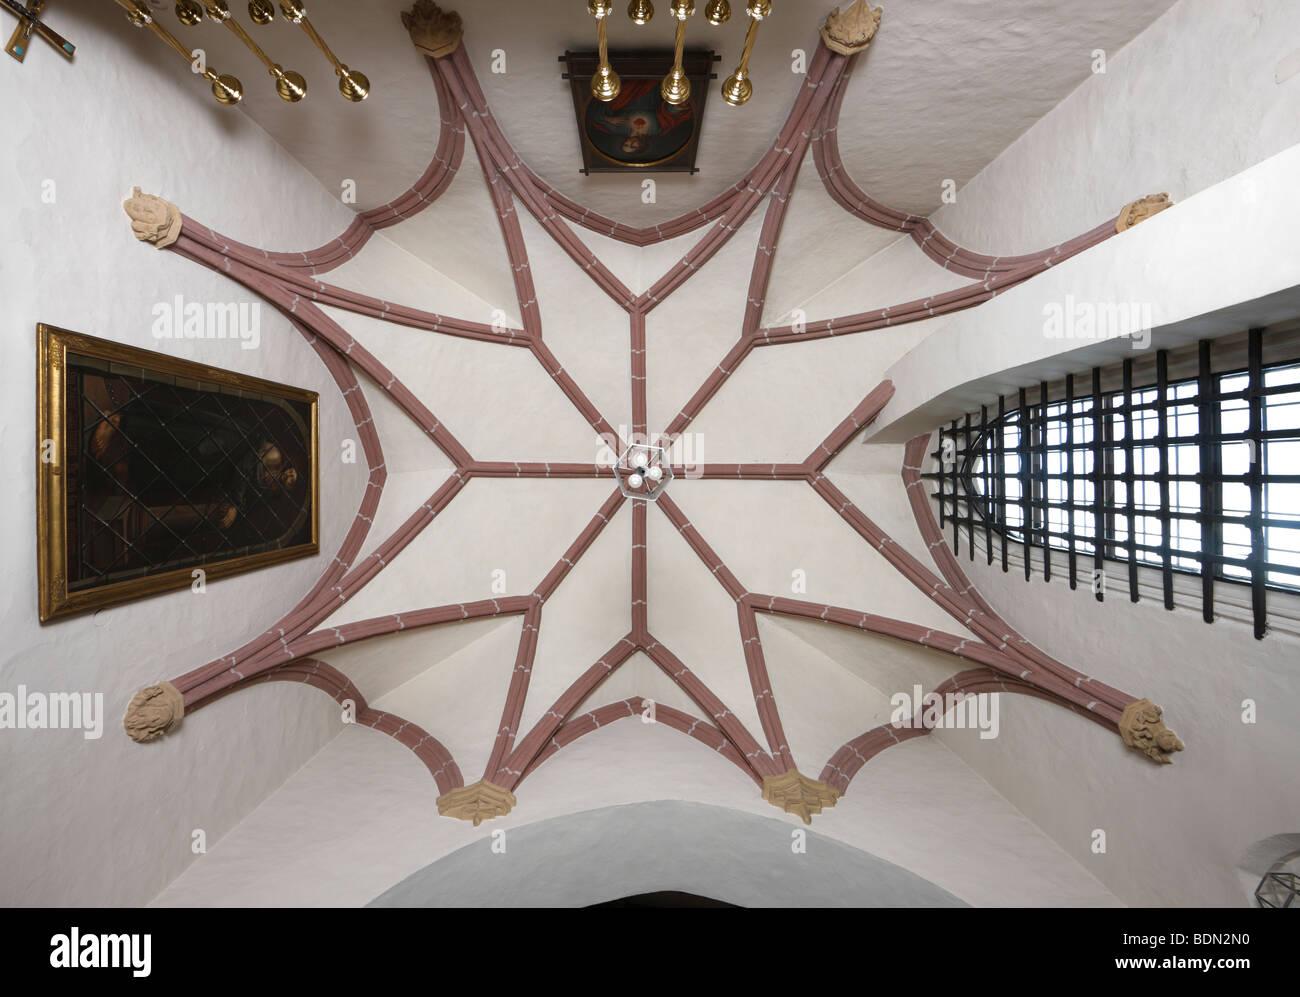 Landshut, Stifts- und Pfarrkirche St. Martin, Alte Sakristei, Sterngewölbe - Stock Image